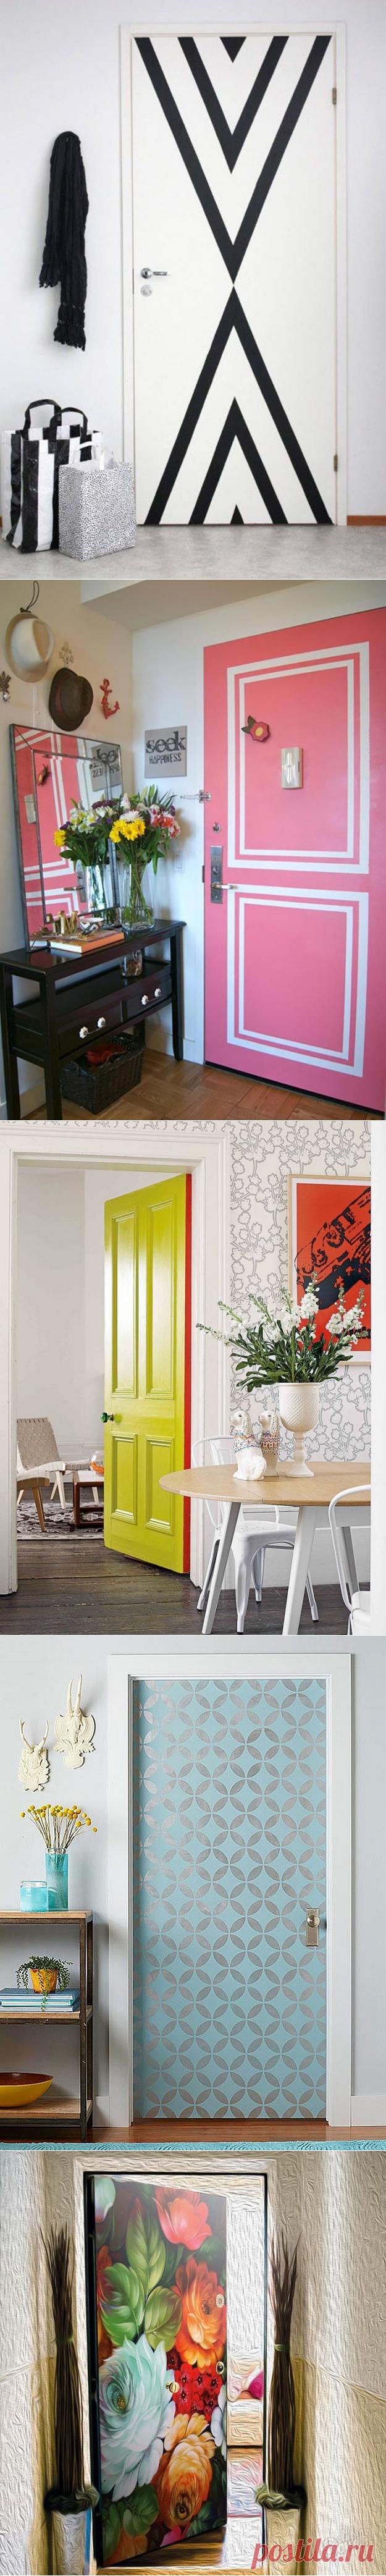 Двери как новые! Реставрация и 7 идей покраски – Своими руками